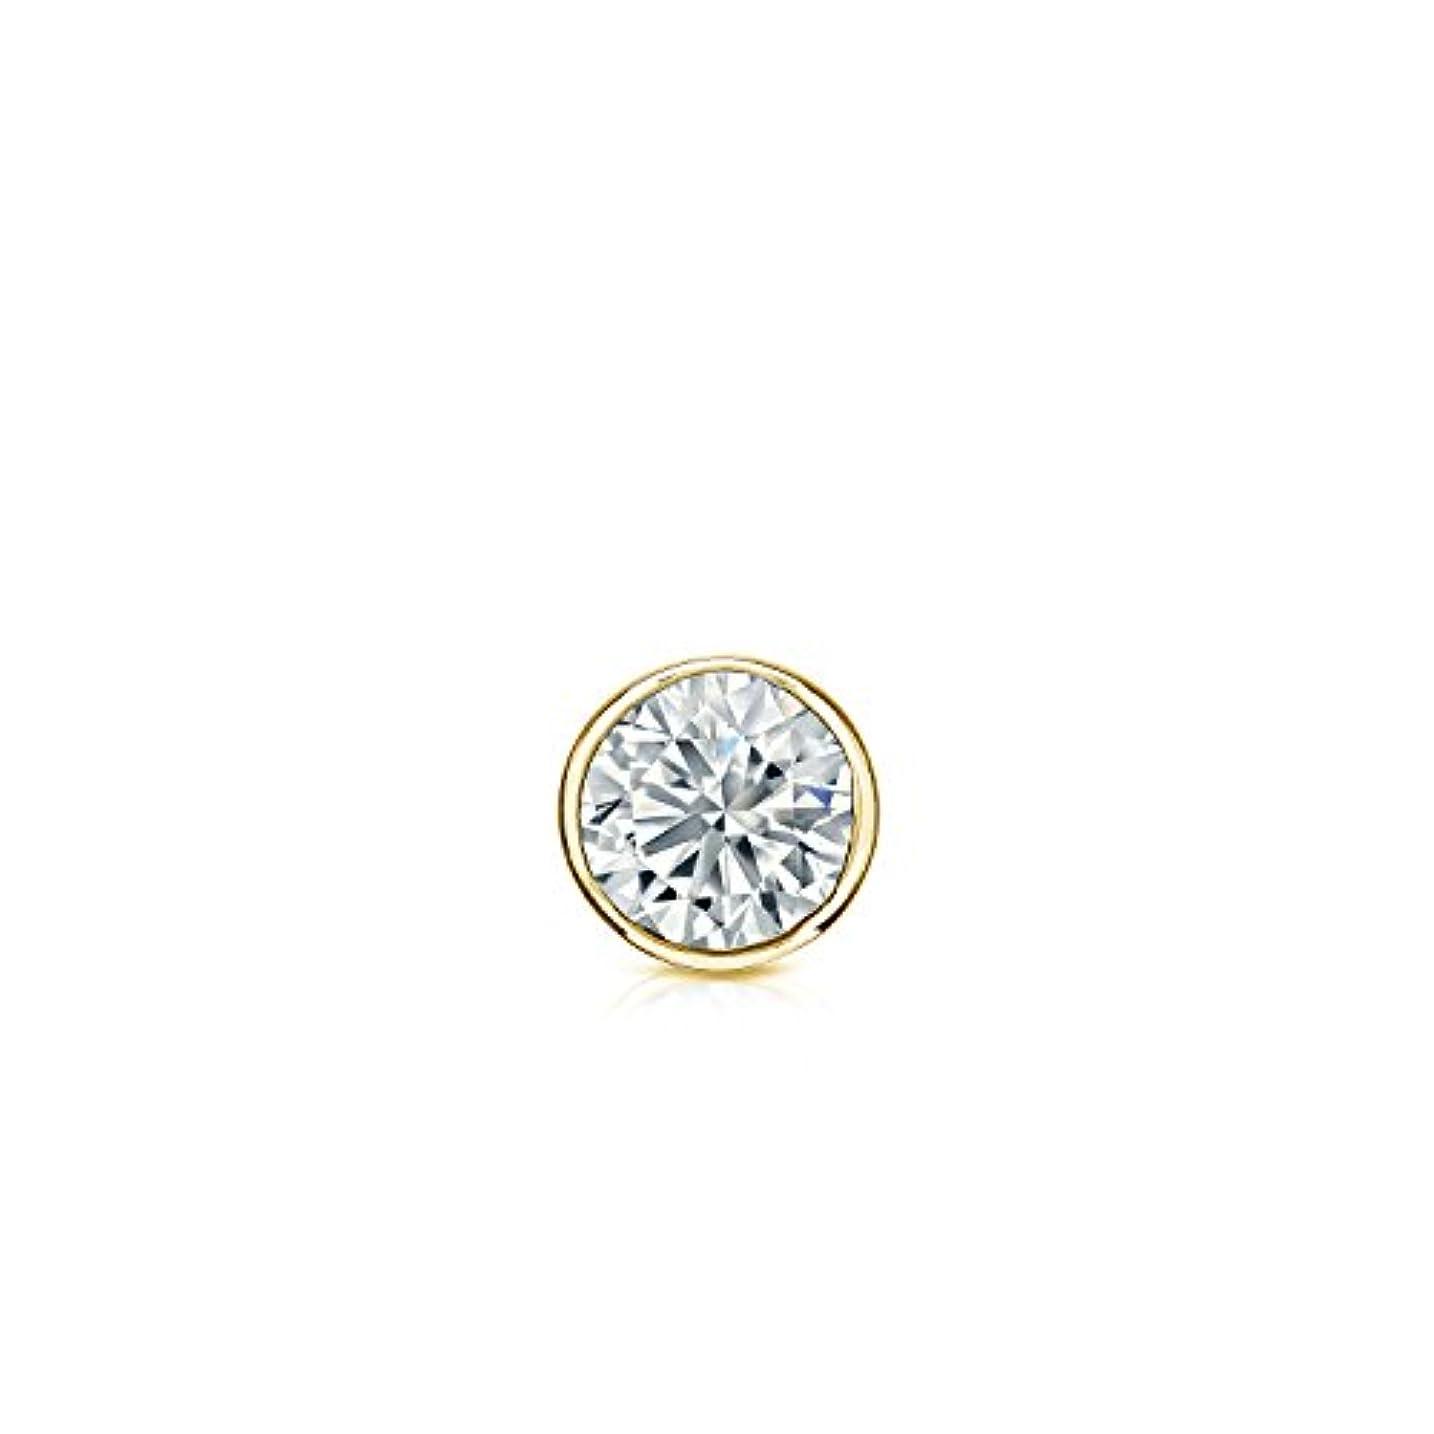 限定落ち込んでいる建築14 Kゴールドbezel-setラウンドダイヤモンドシングルスタッドイヤリング( 1 / 8 – 1 CT、Oホワイト、i1 - i2安全ロックバックDisc